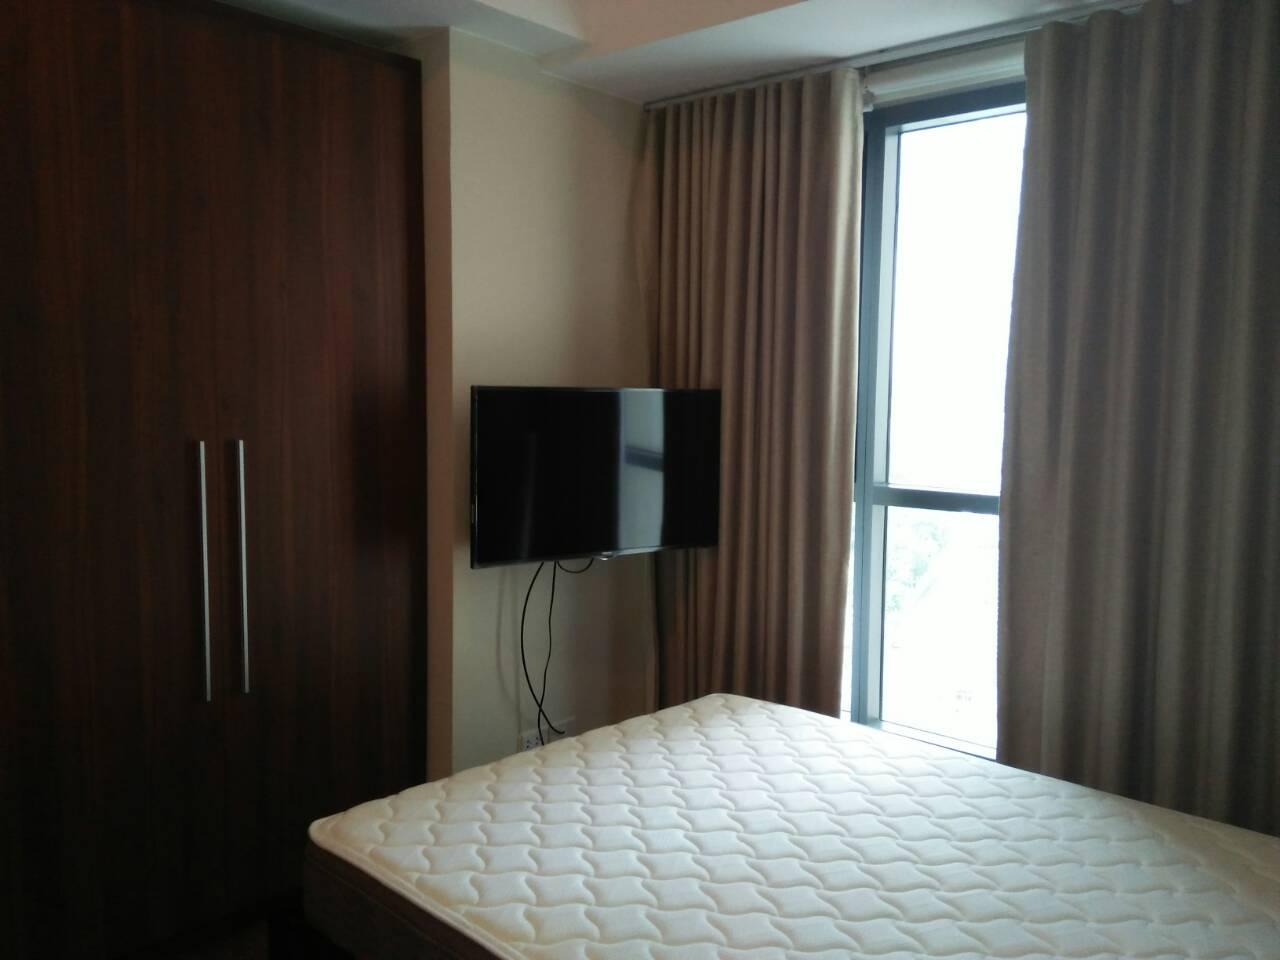 2 Bedrooms Condo, Shang Salcedo Place Bedroom View 4